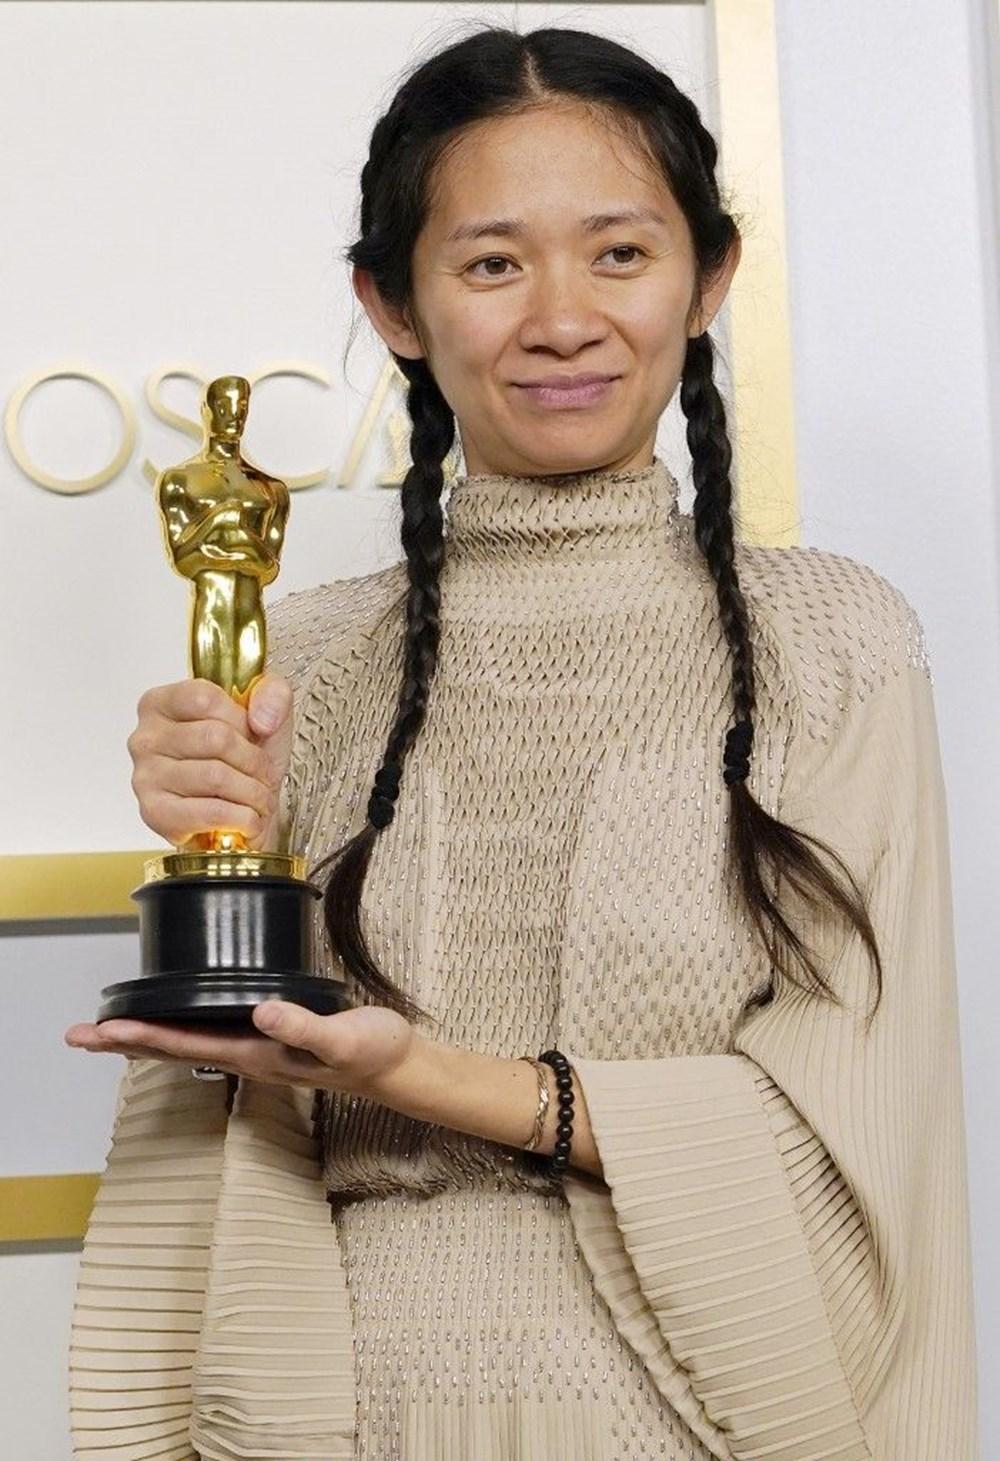 93. Oscar Ödülleri'ni kazananlar belli oldu (2021 Oscar Ödülleri'nin tam listesi) - 5